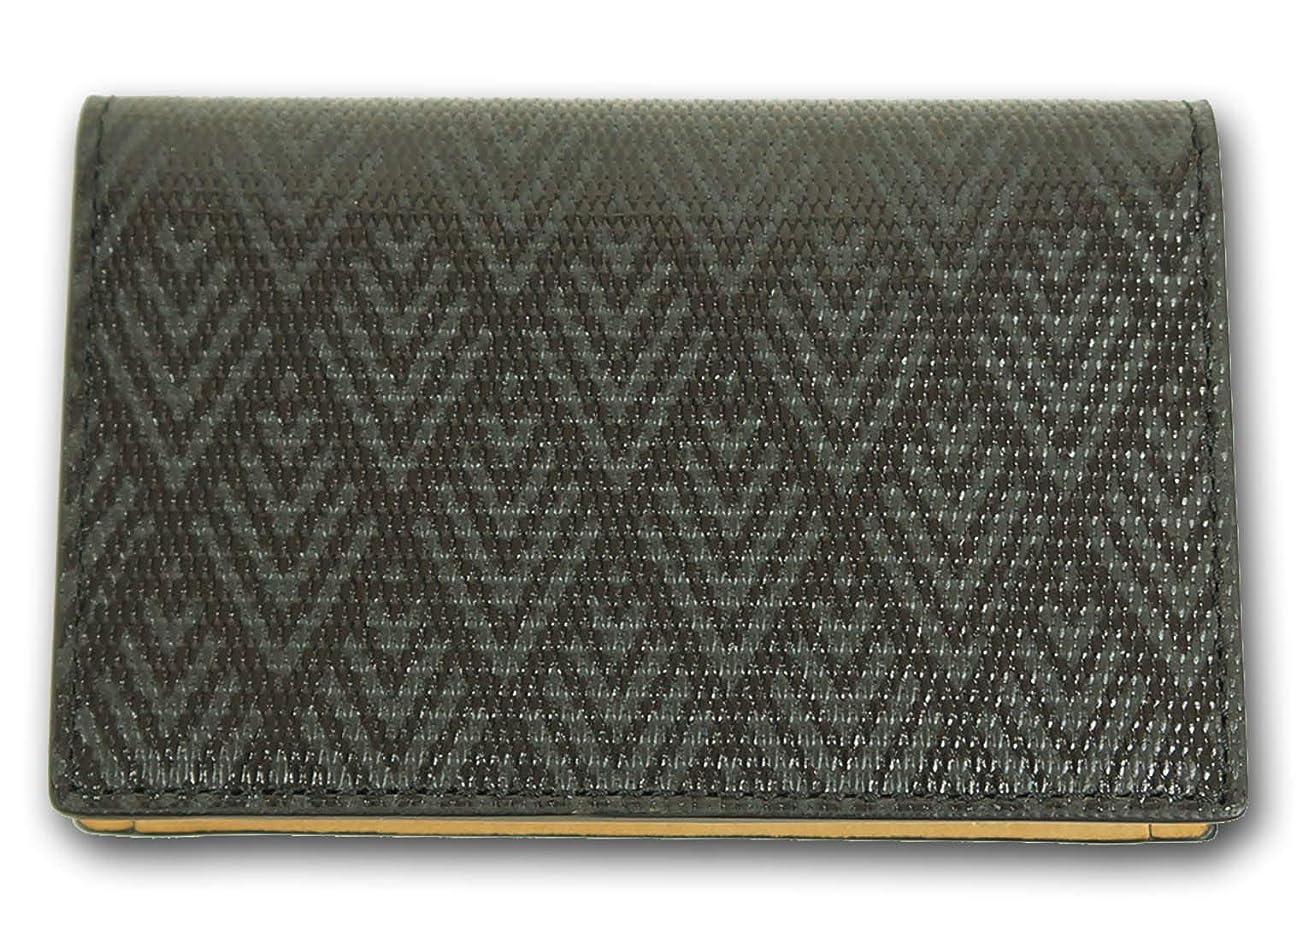 サーカス発生する慈善(タケオキクチ) TAKEO KIKUCHI ミニメッシュ 牛革 名刺入れ メンズ ブラック 黒 カードケース